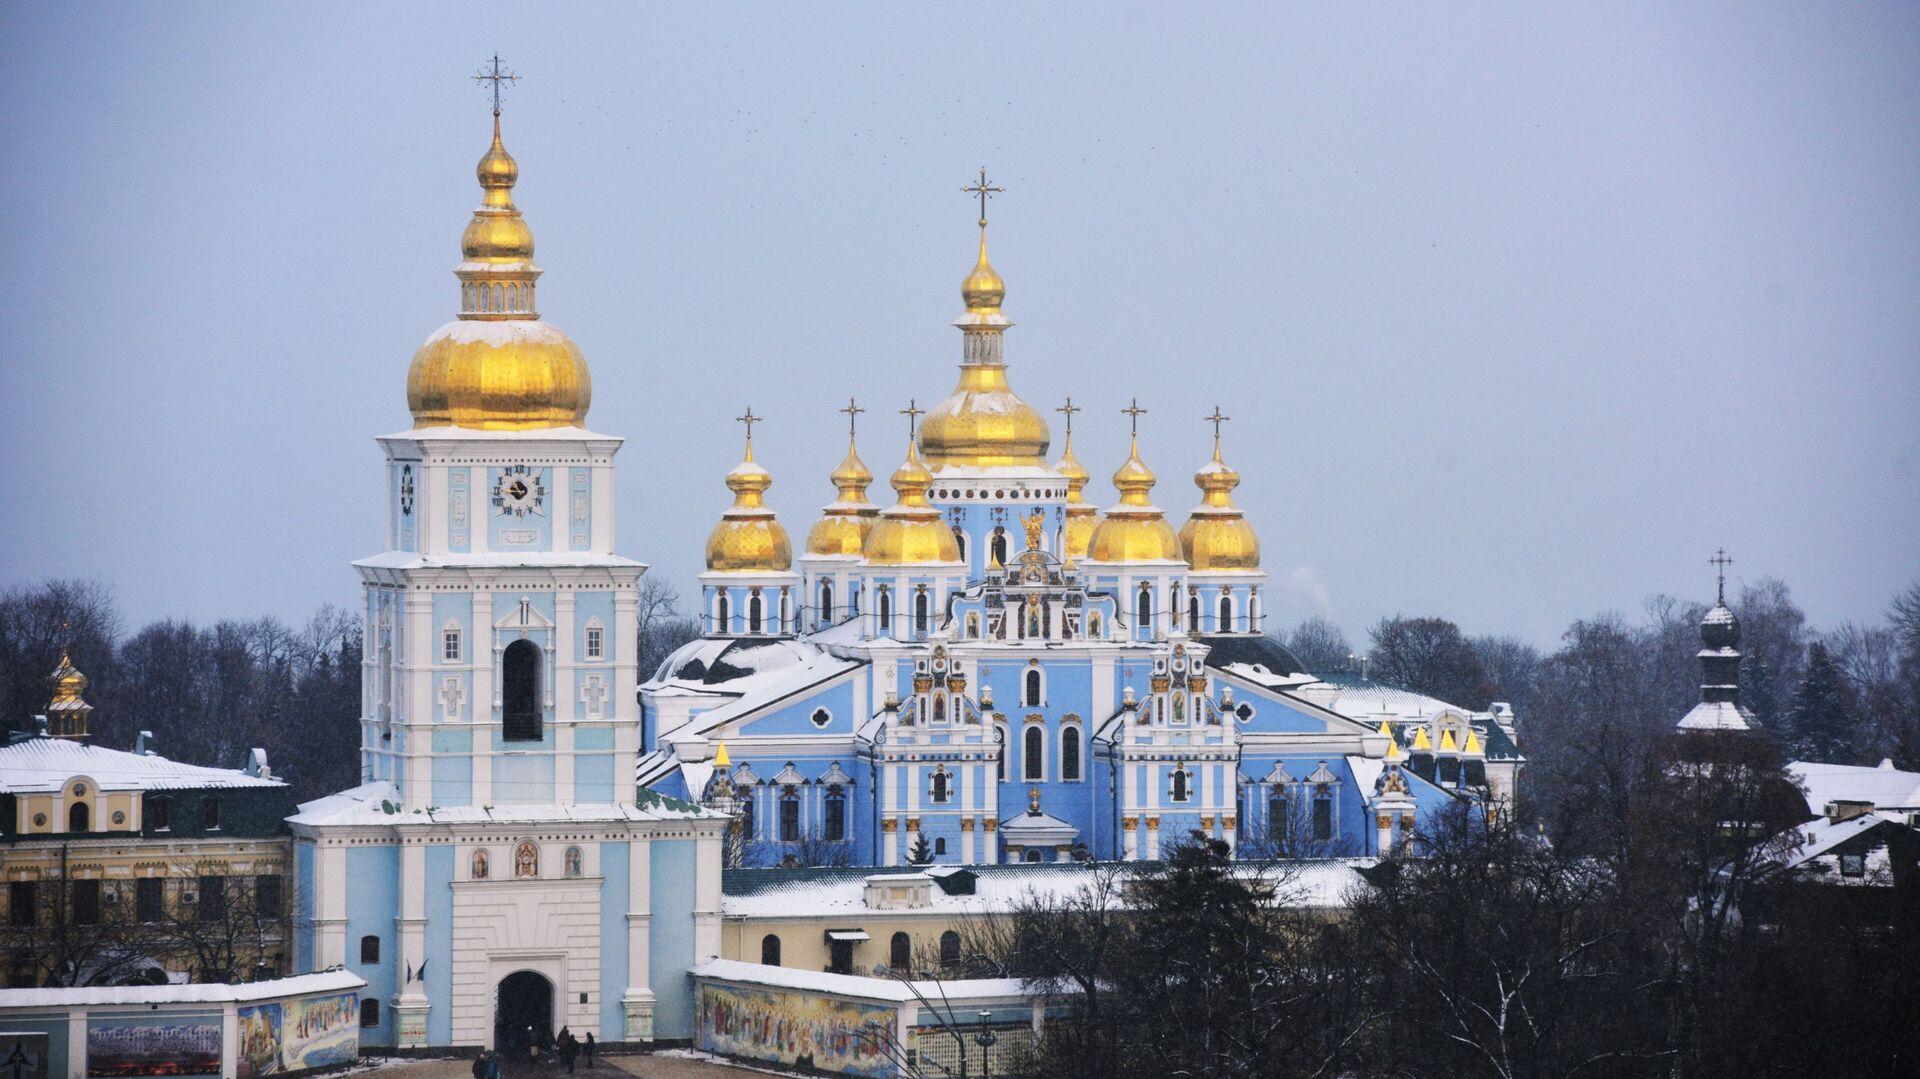 Михайловский Златоверхий собор - РИА Новости, 1920, 11.03.2021